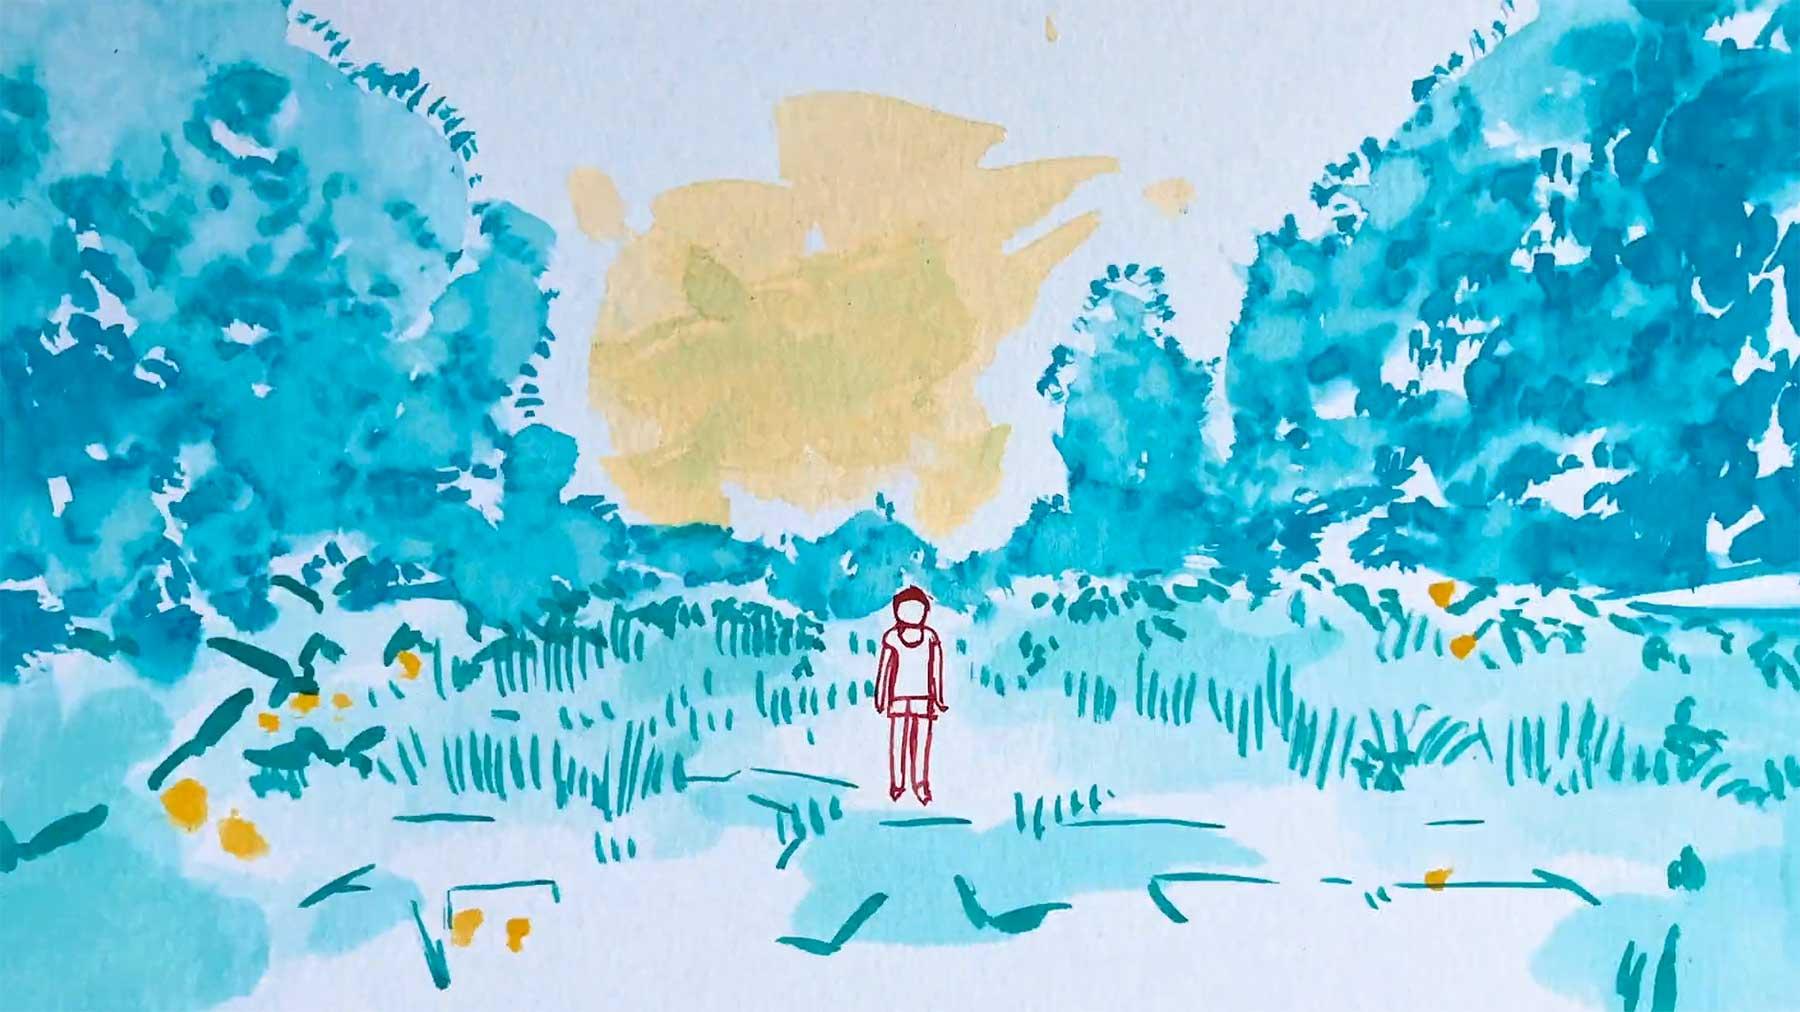 Musikvideo aus hunderten gemalten Bildern